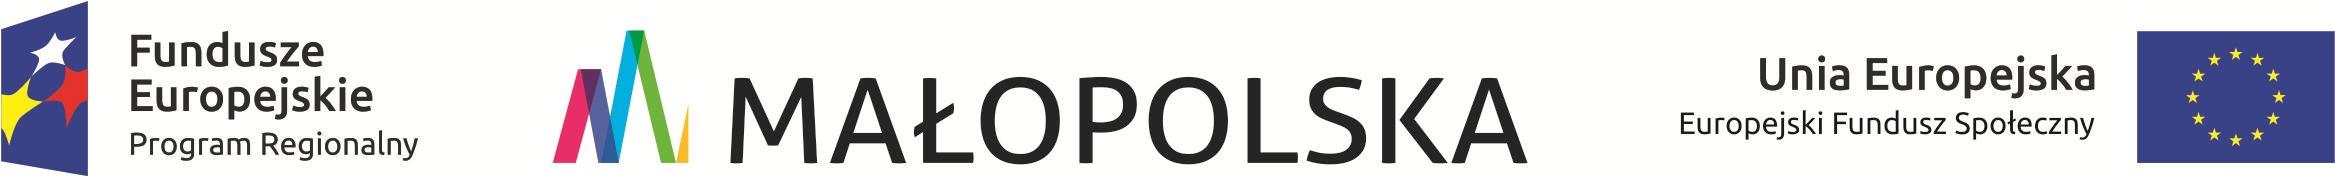 logotyp funduszy RPO EFS